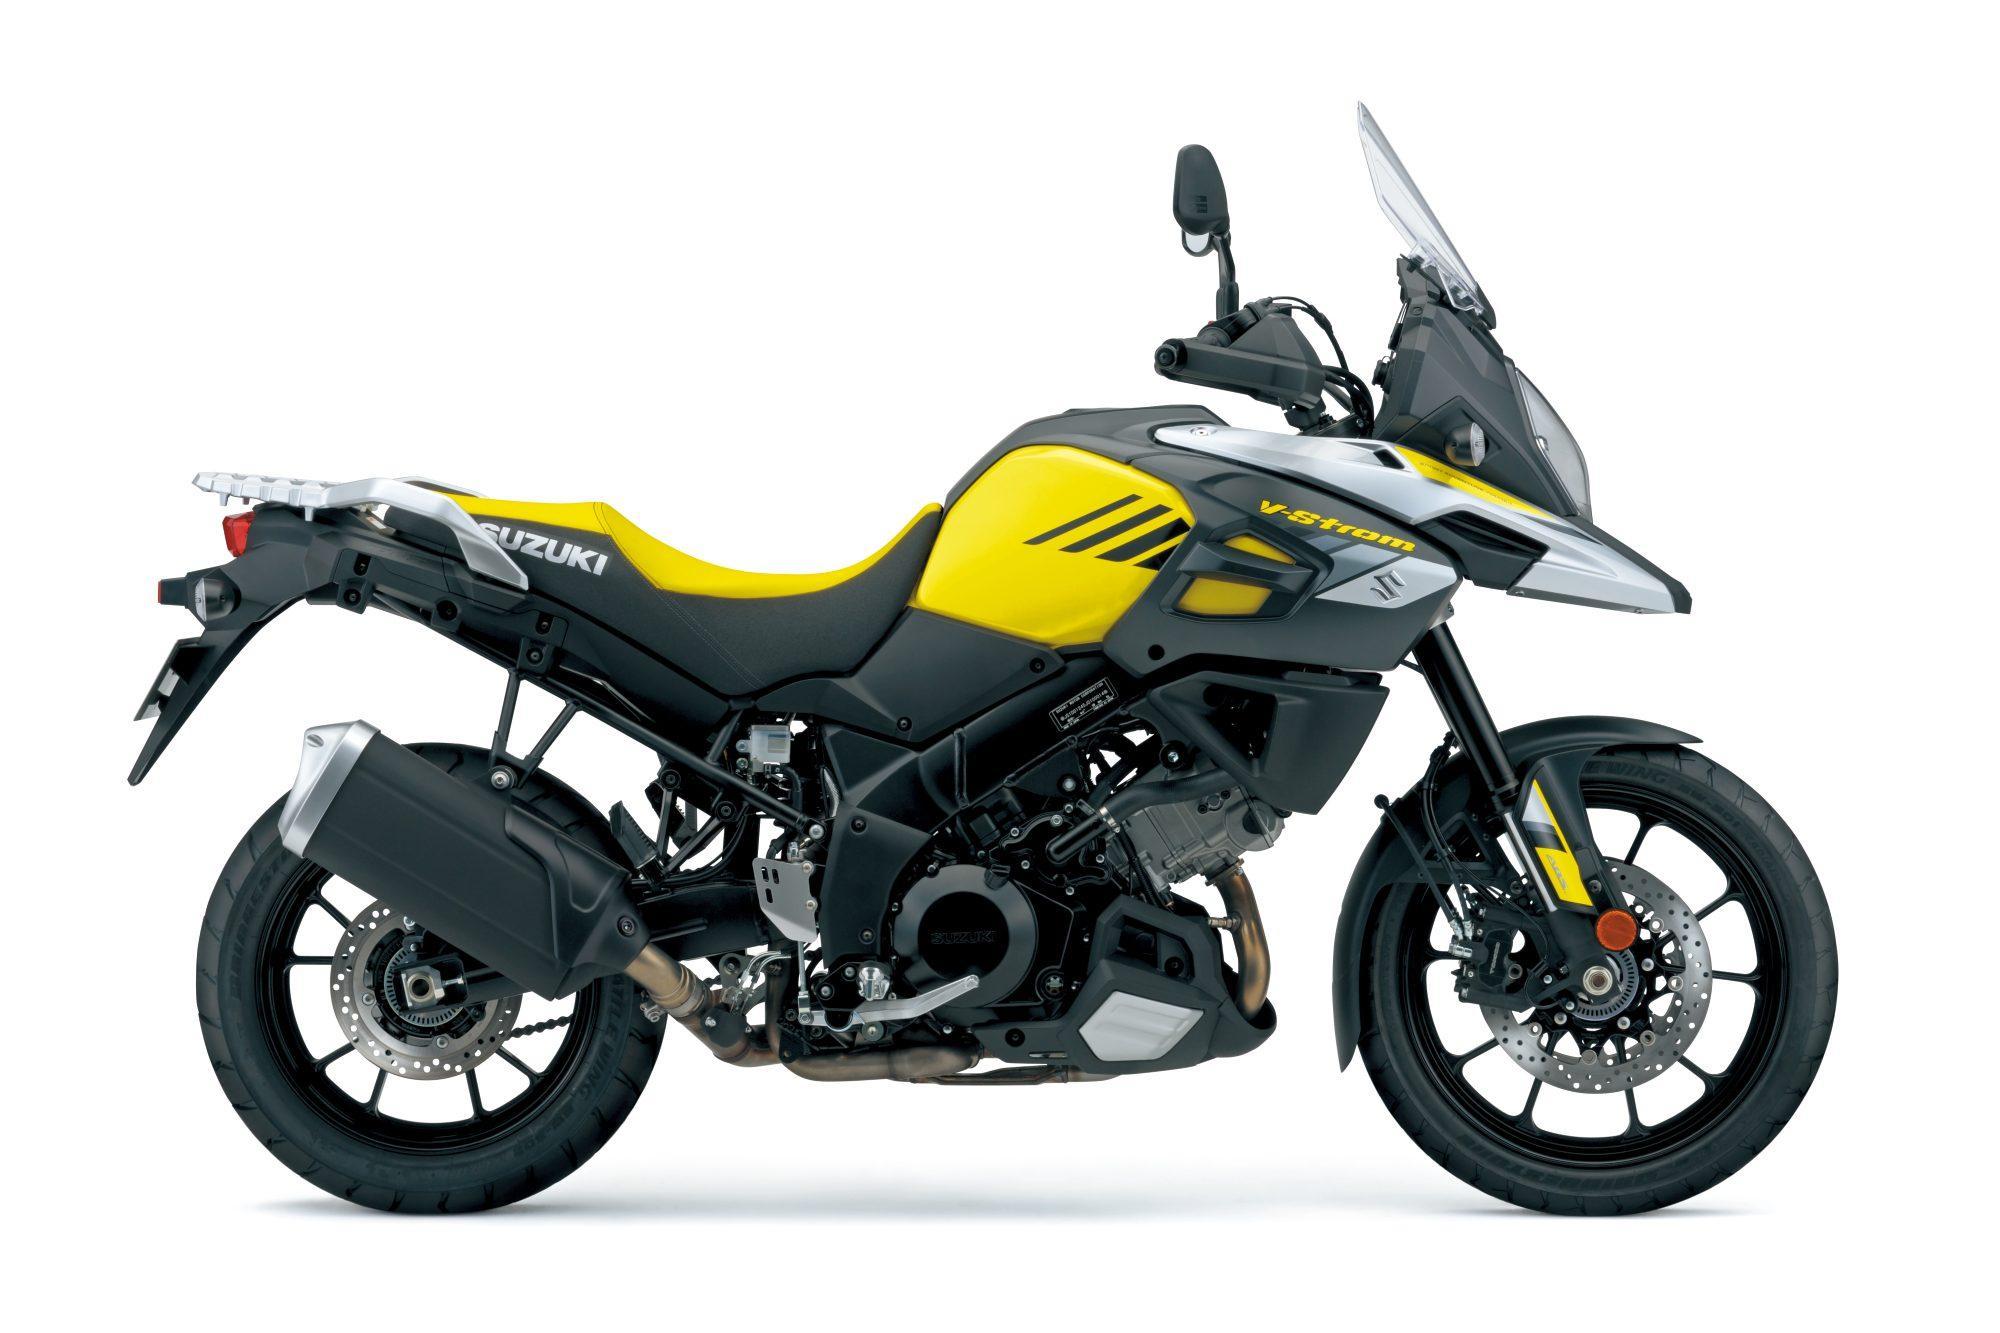 Suzuki V-Strom 1000 ABS 2017 Foto